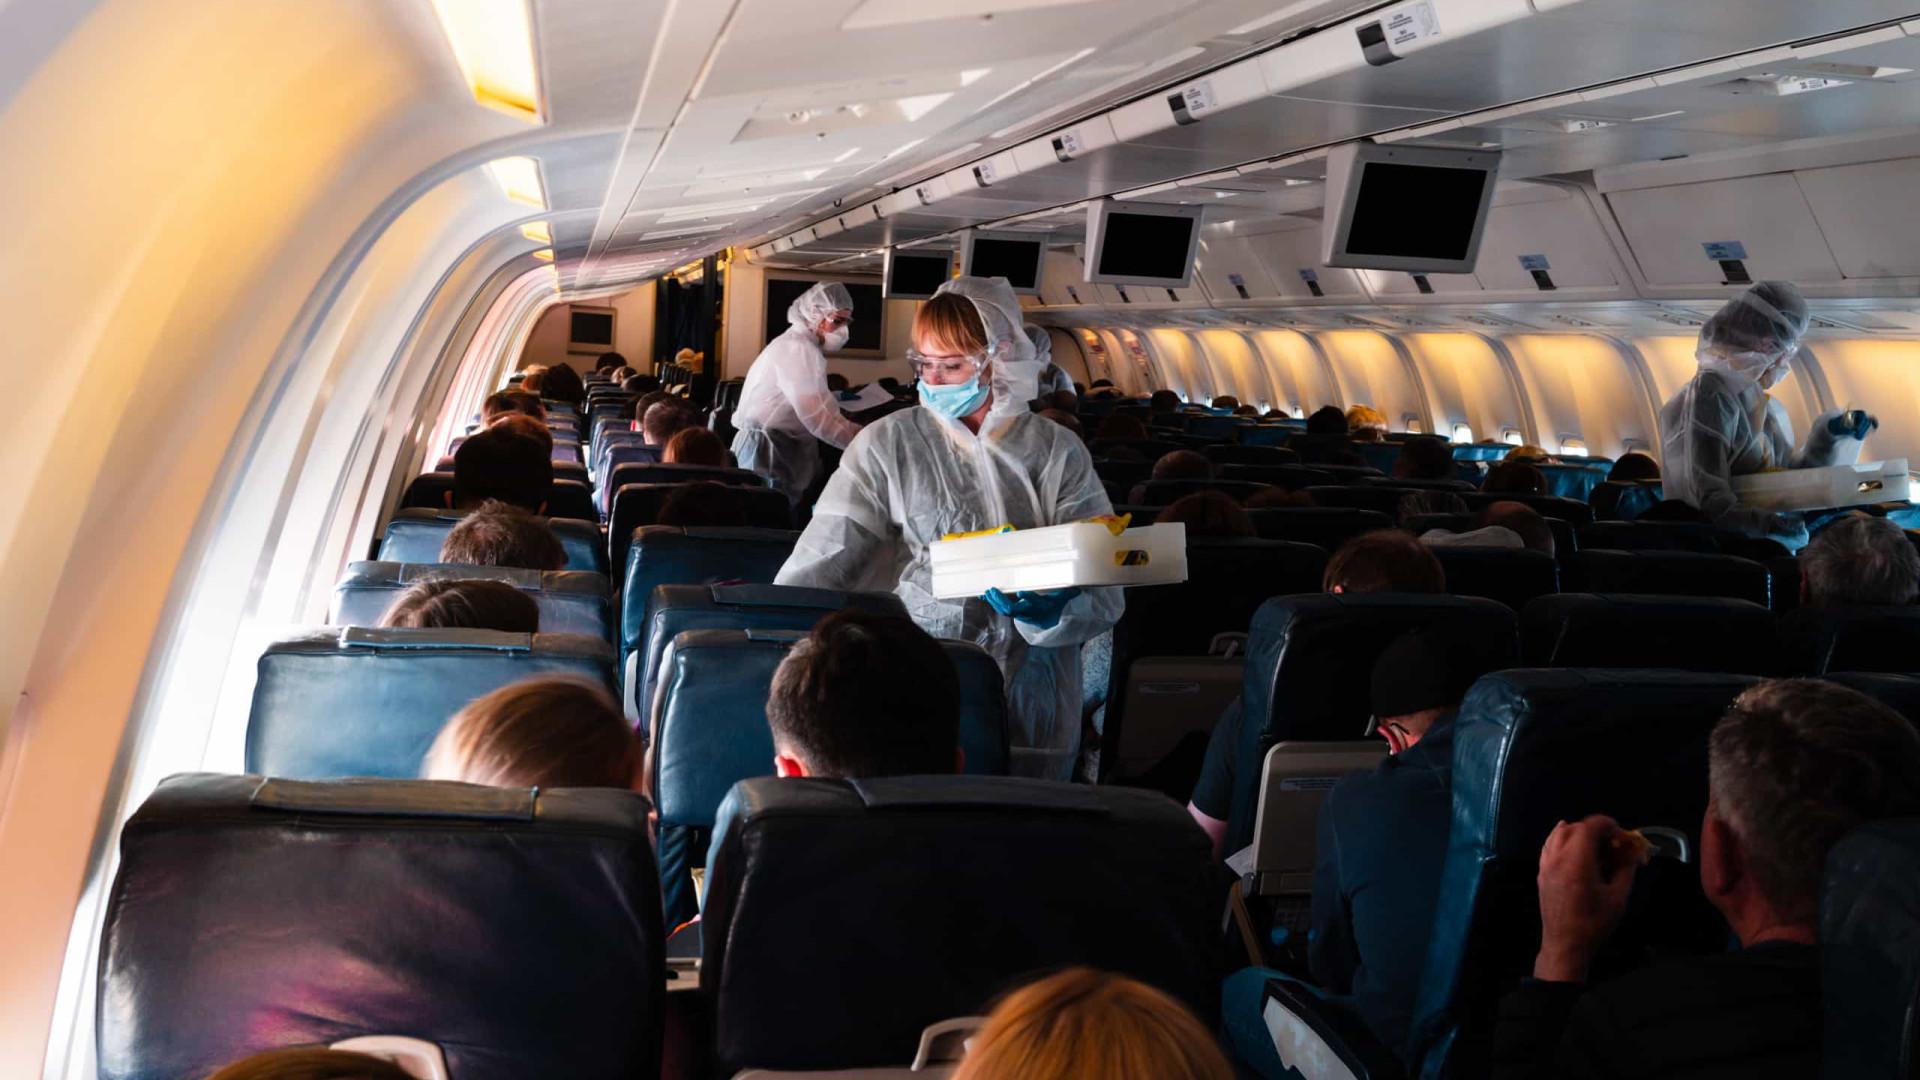 Surto. Apenas um voo provocou 59 casos de Covid-19